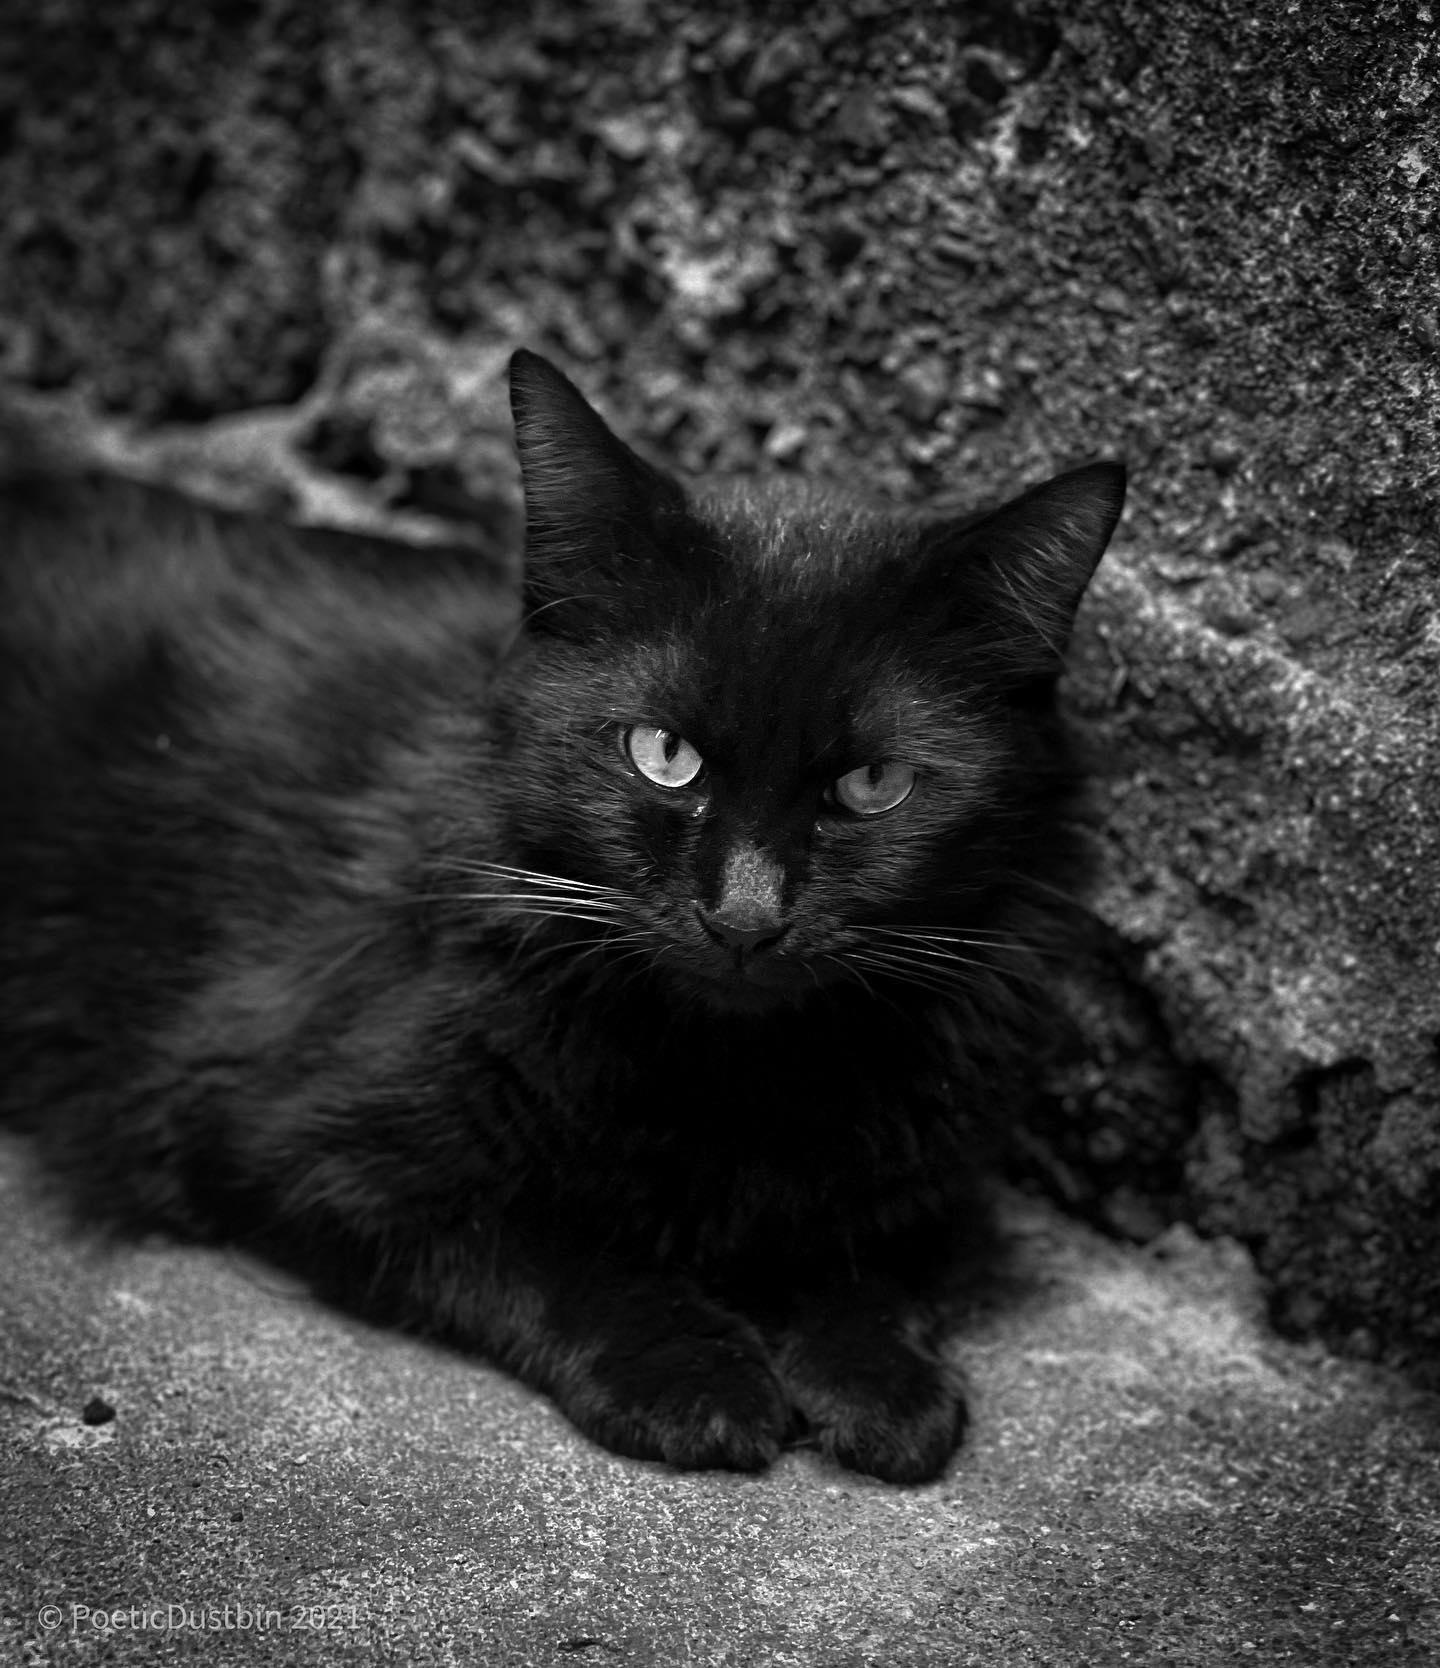 Not a Grumpy Cat - Poetic Dustbin